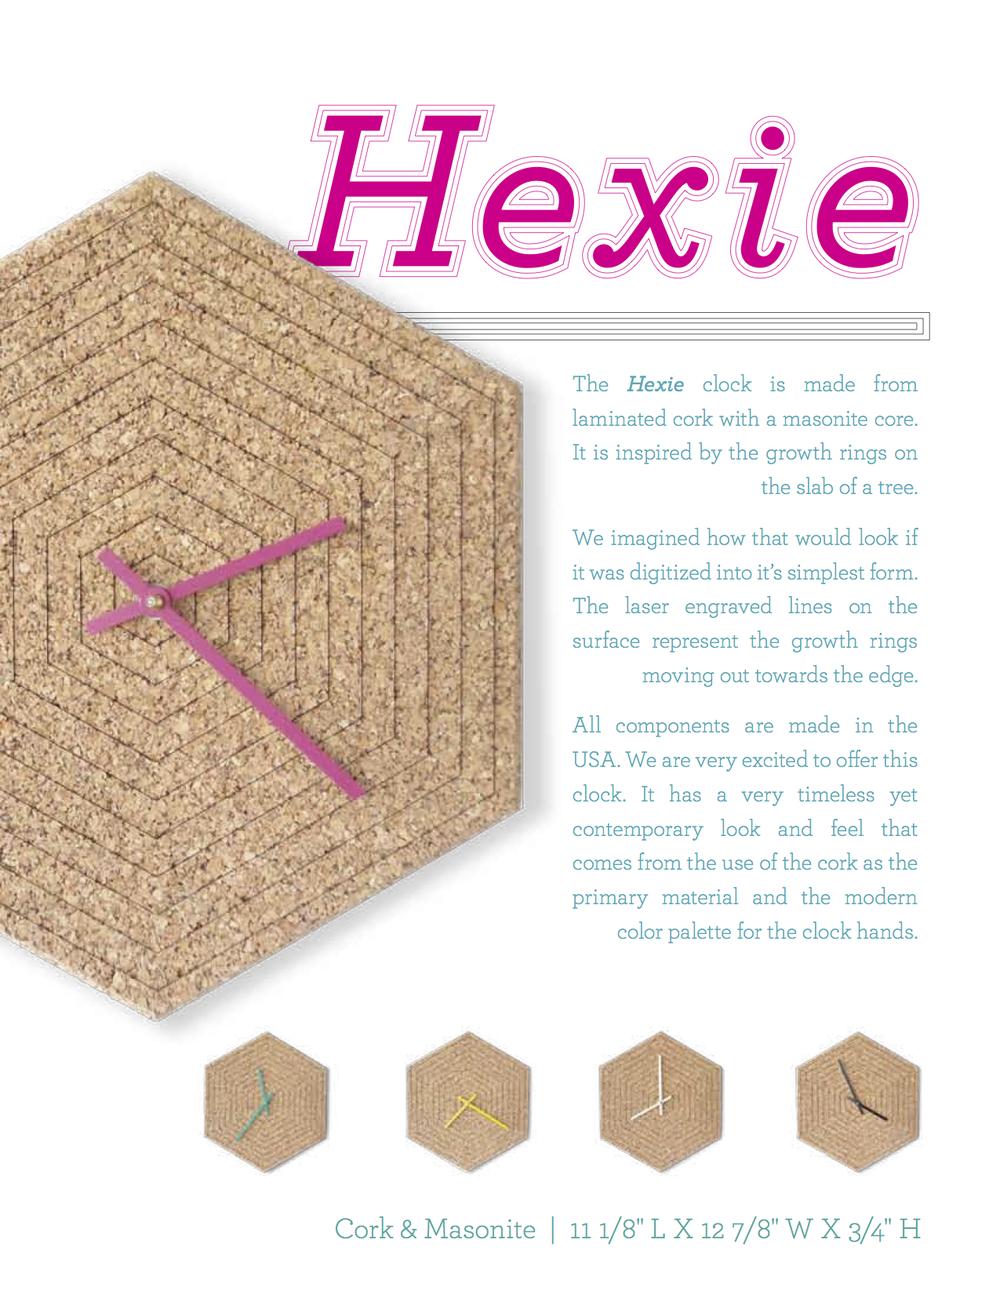 Hexie.jpg